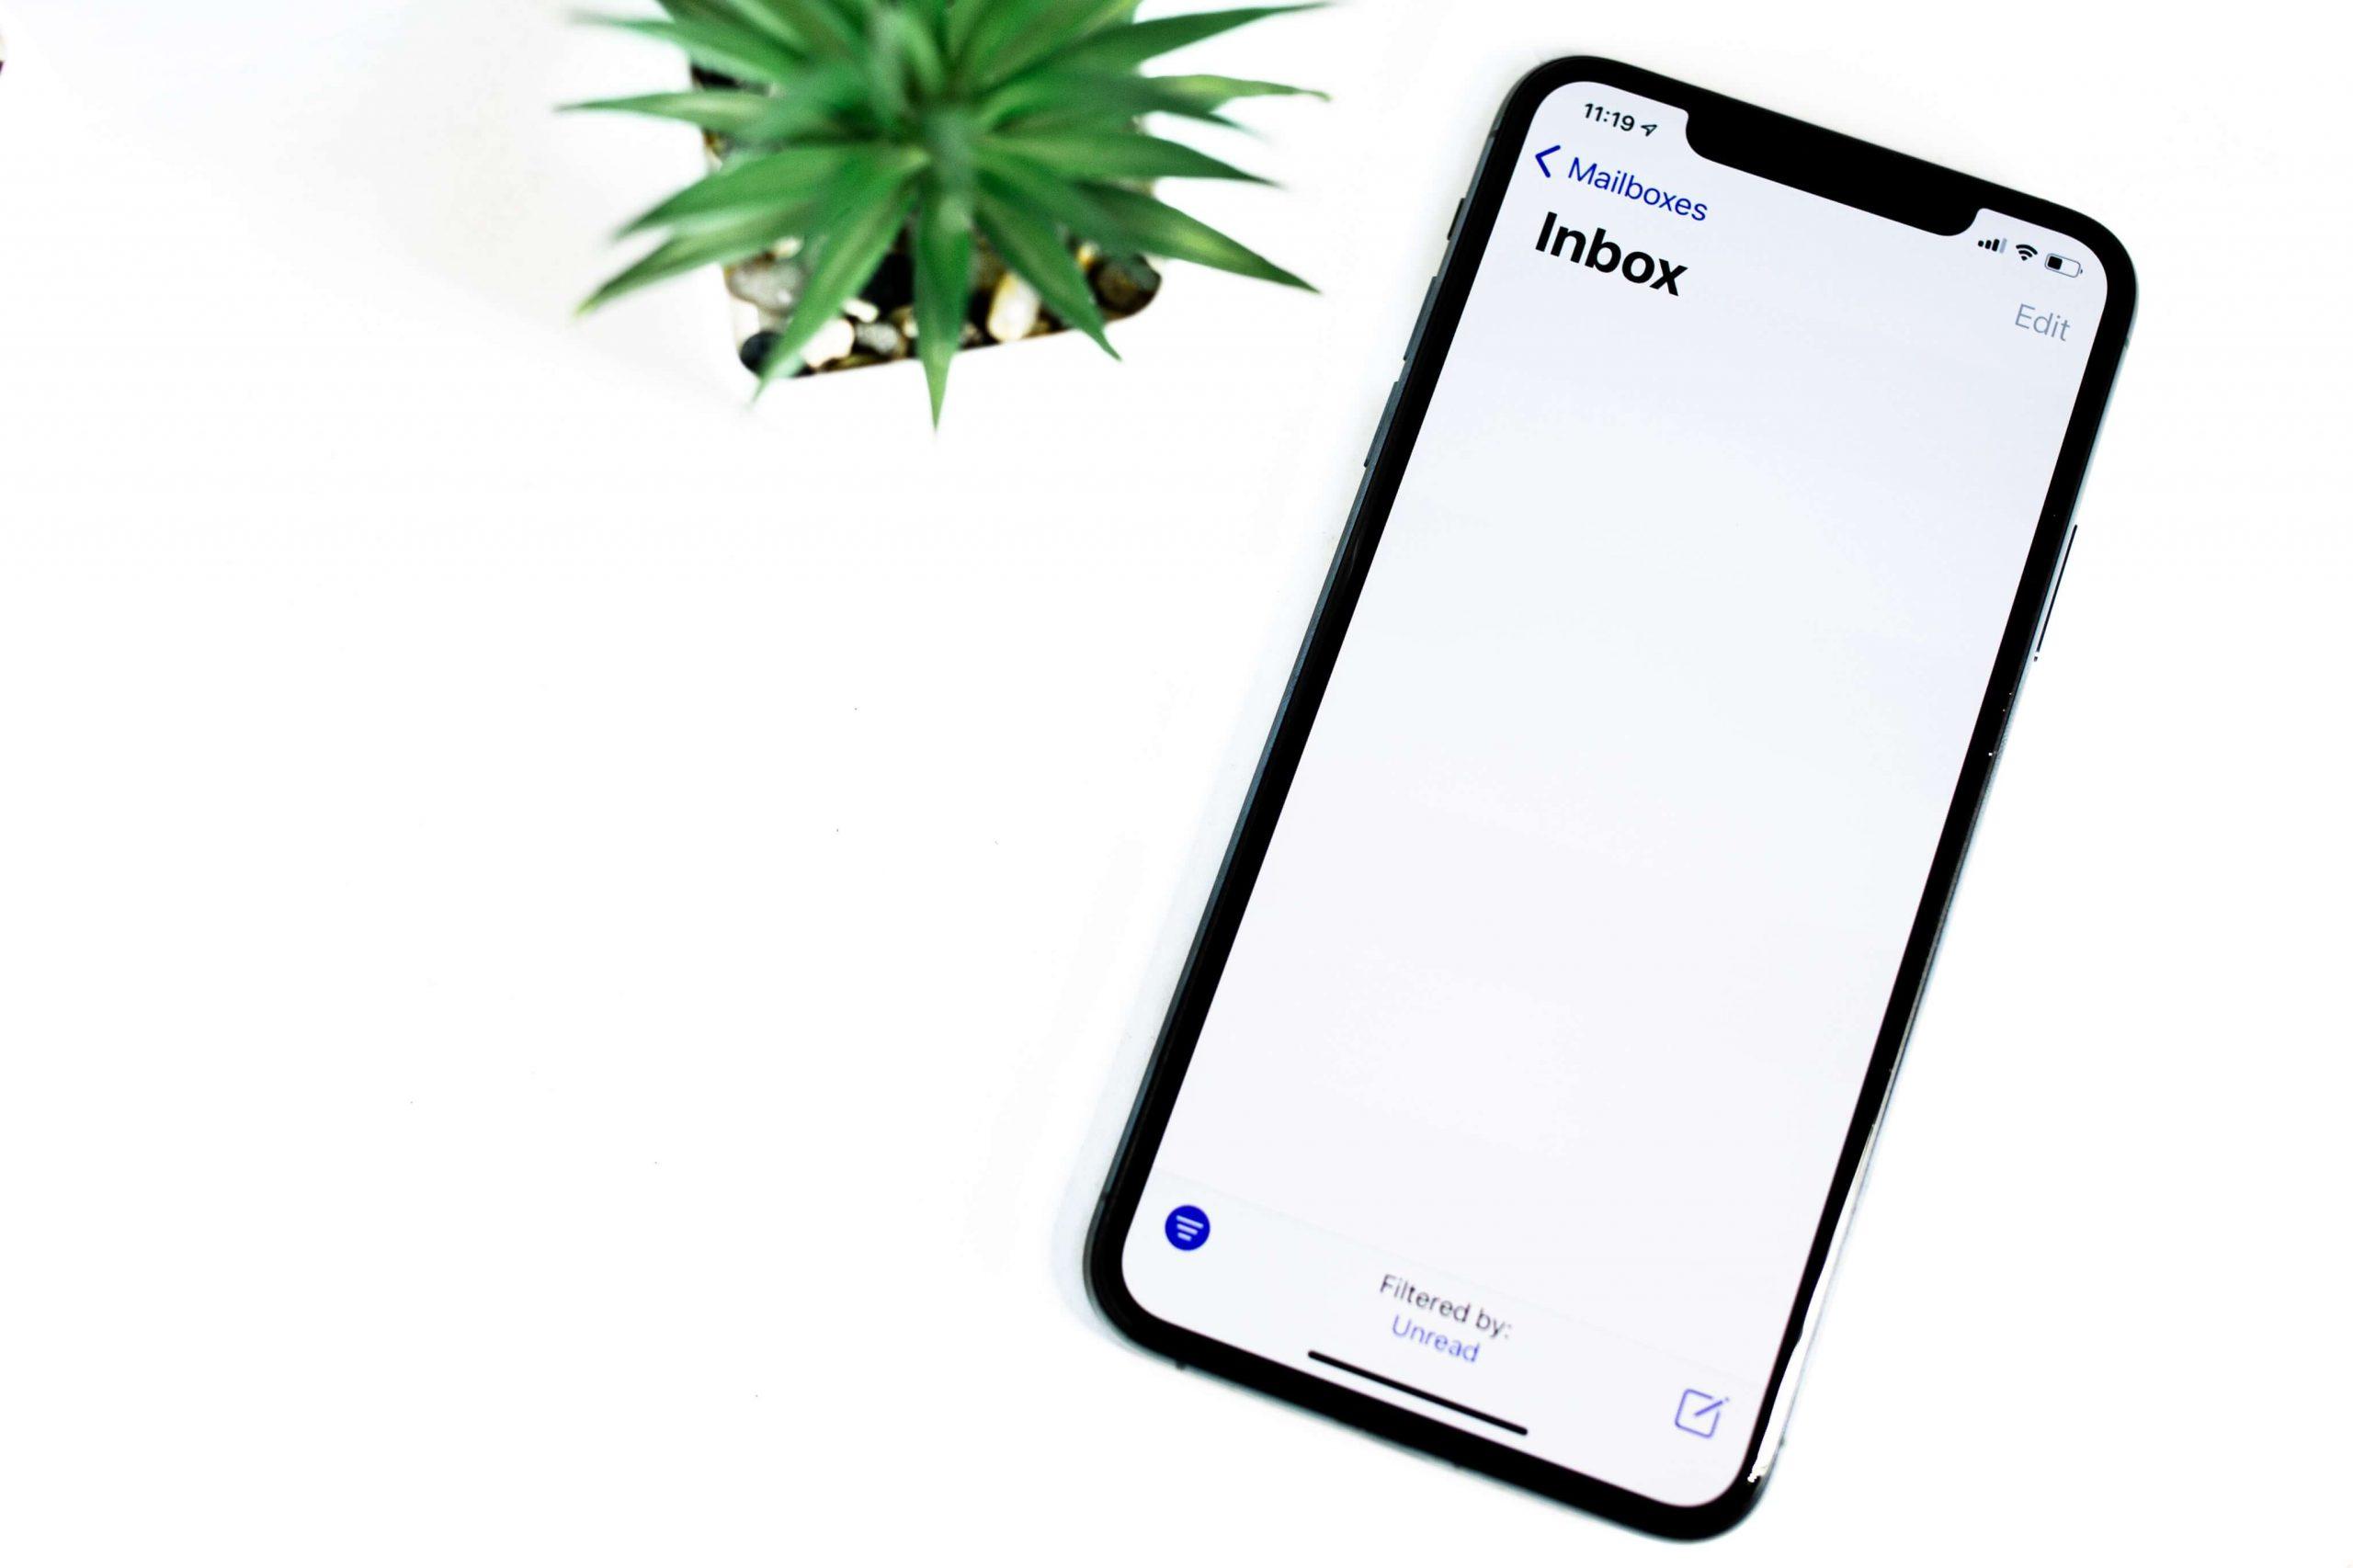 Inbox auf Handy